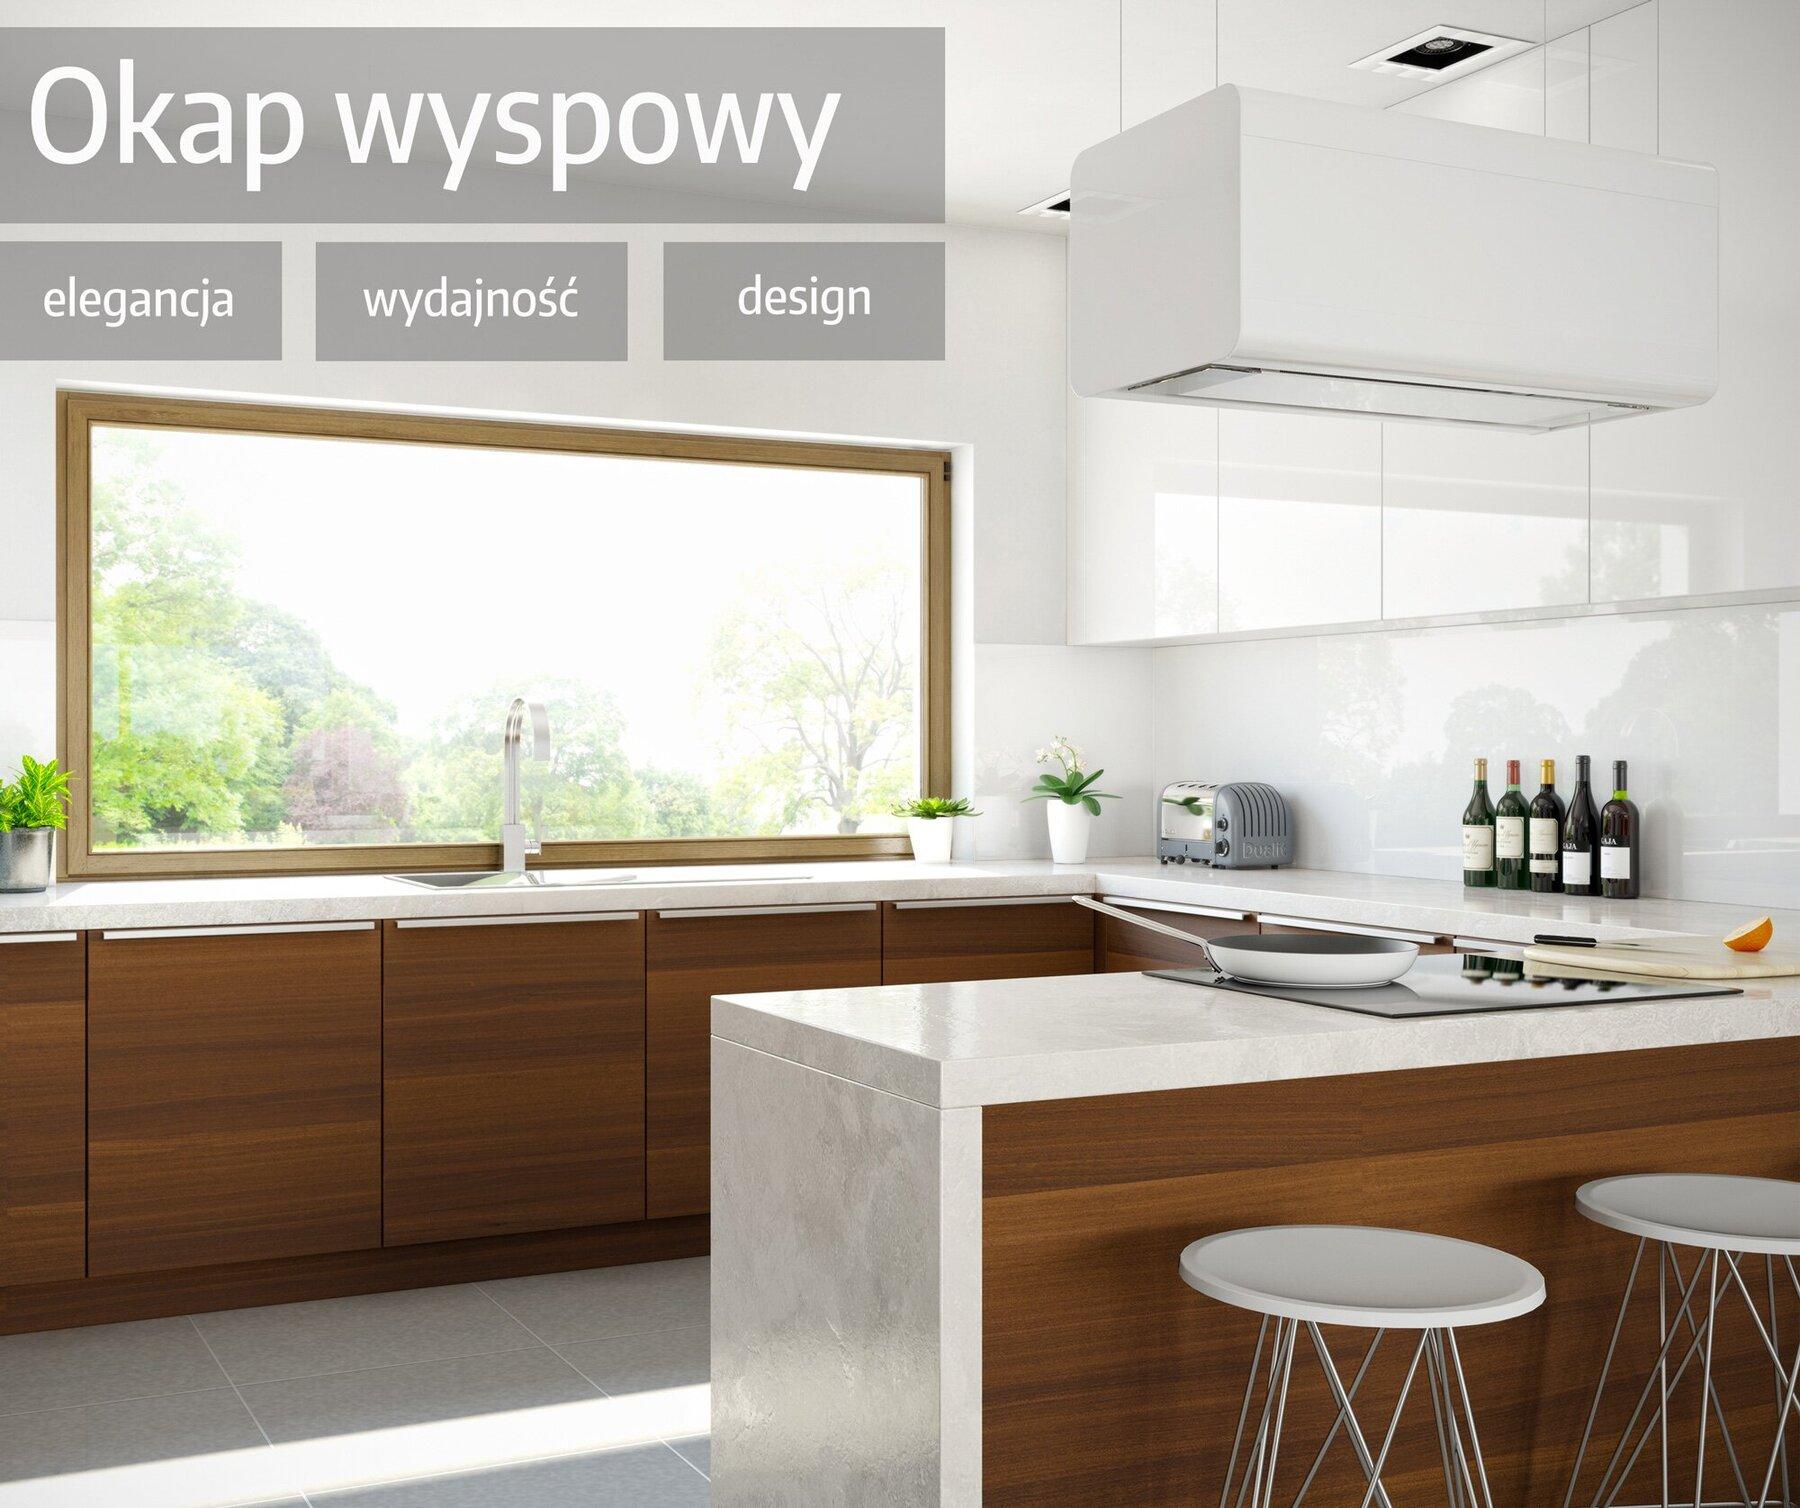 Okap wyspowy - elegancja, wydajność i najlepszy design w kuchni